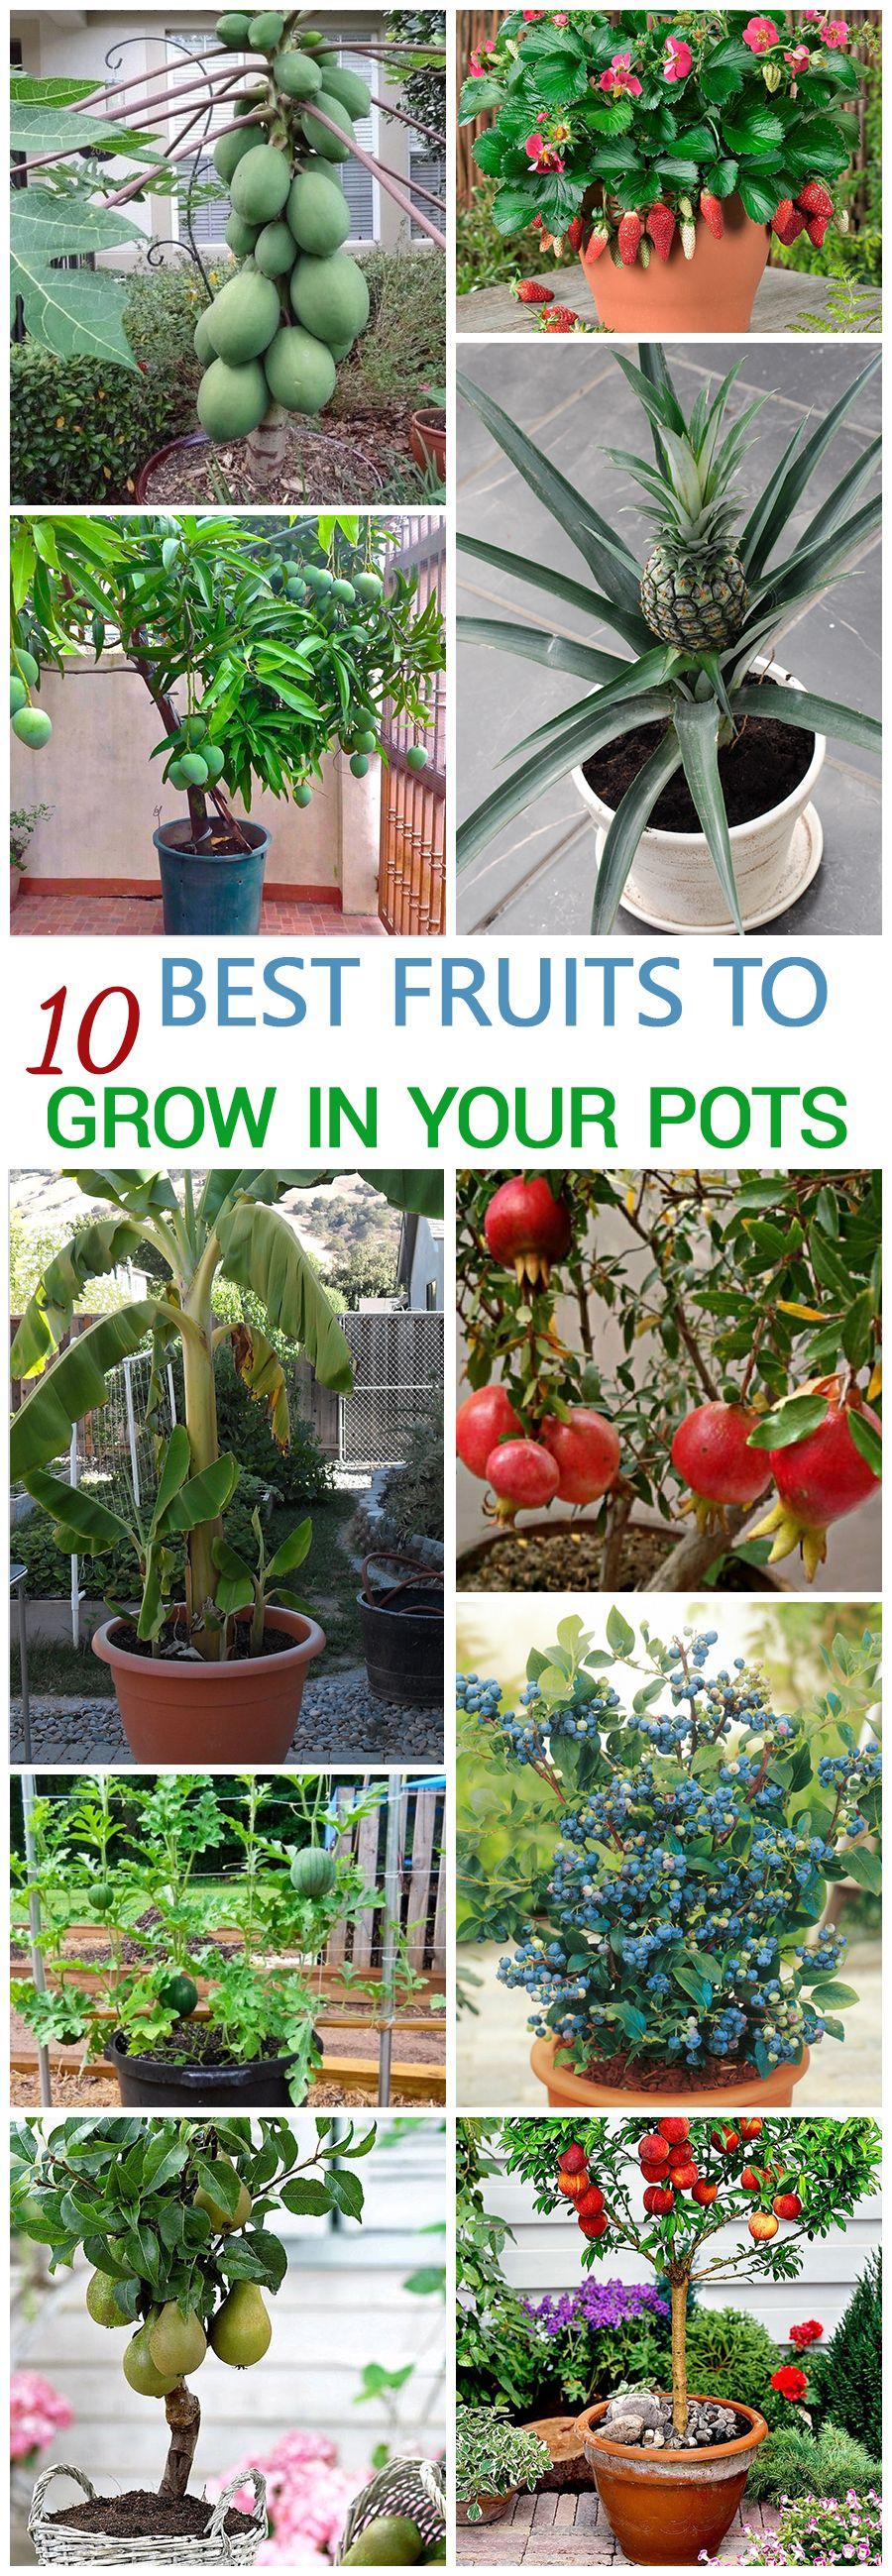 10 Best Fruits To Grow In Your Pots Fruit Garden Container Gardening Growing Fruit